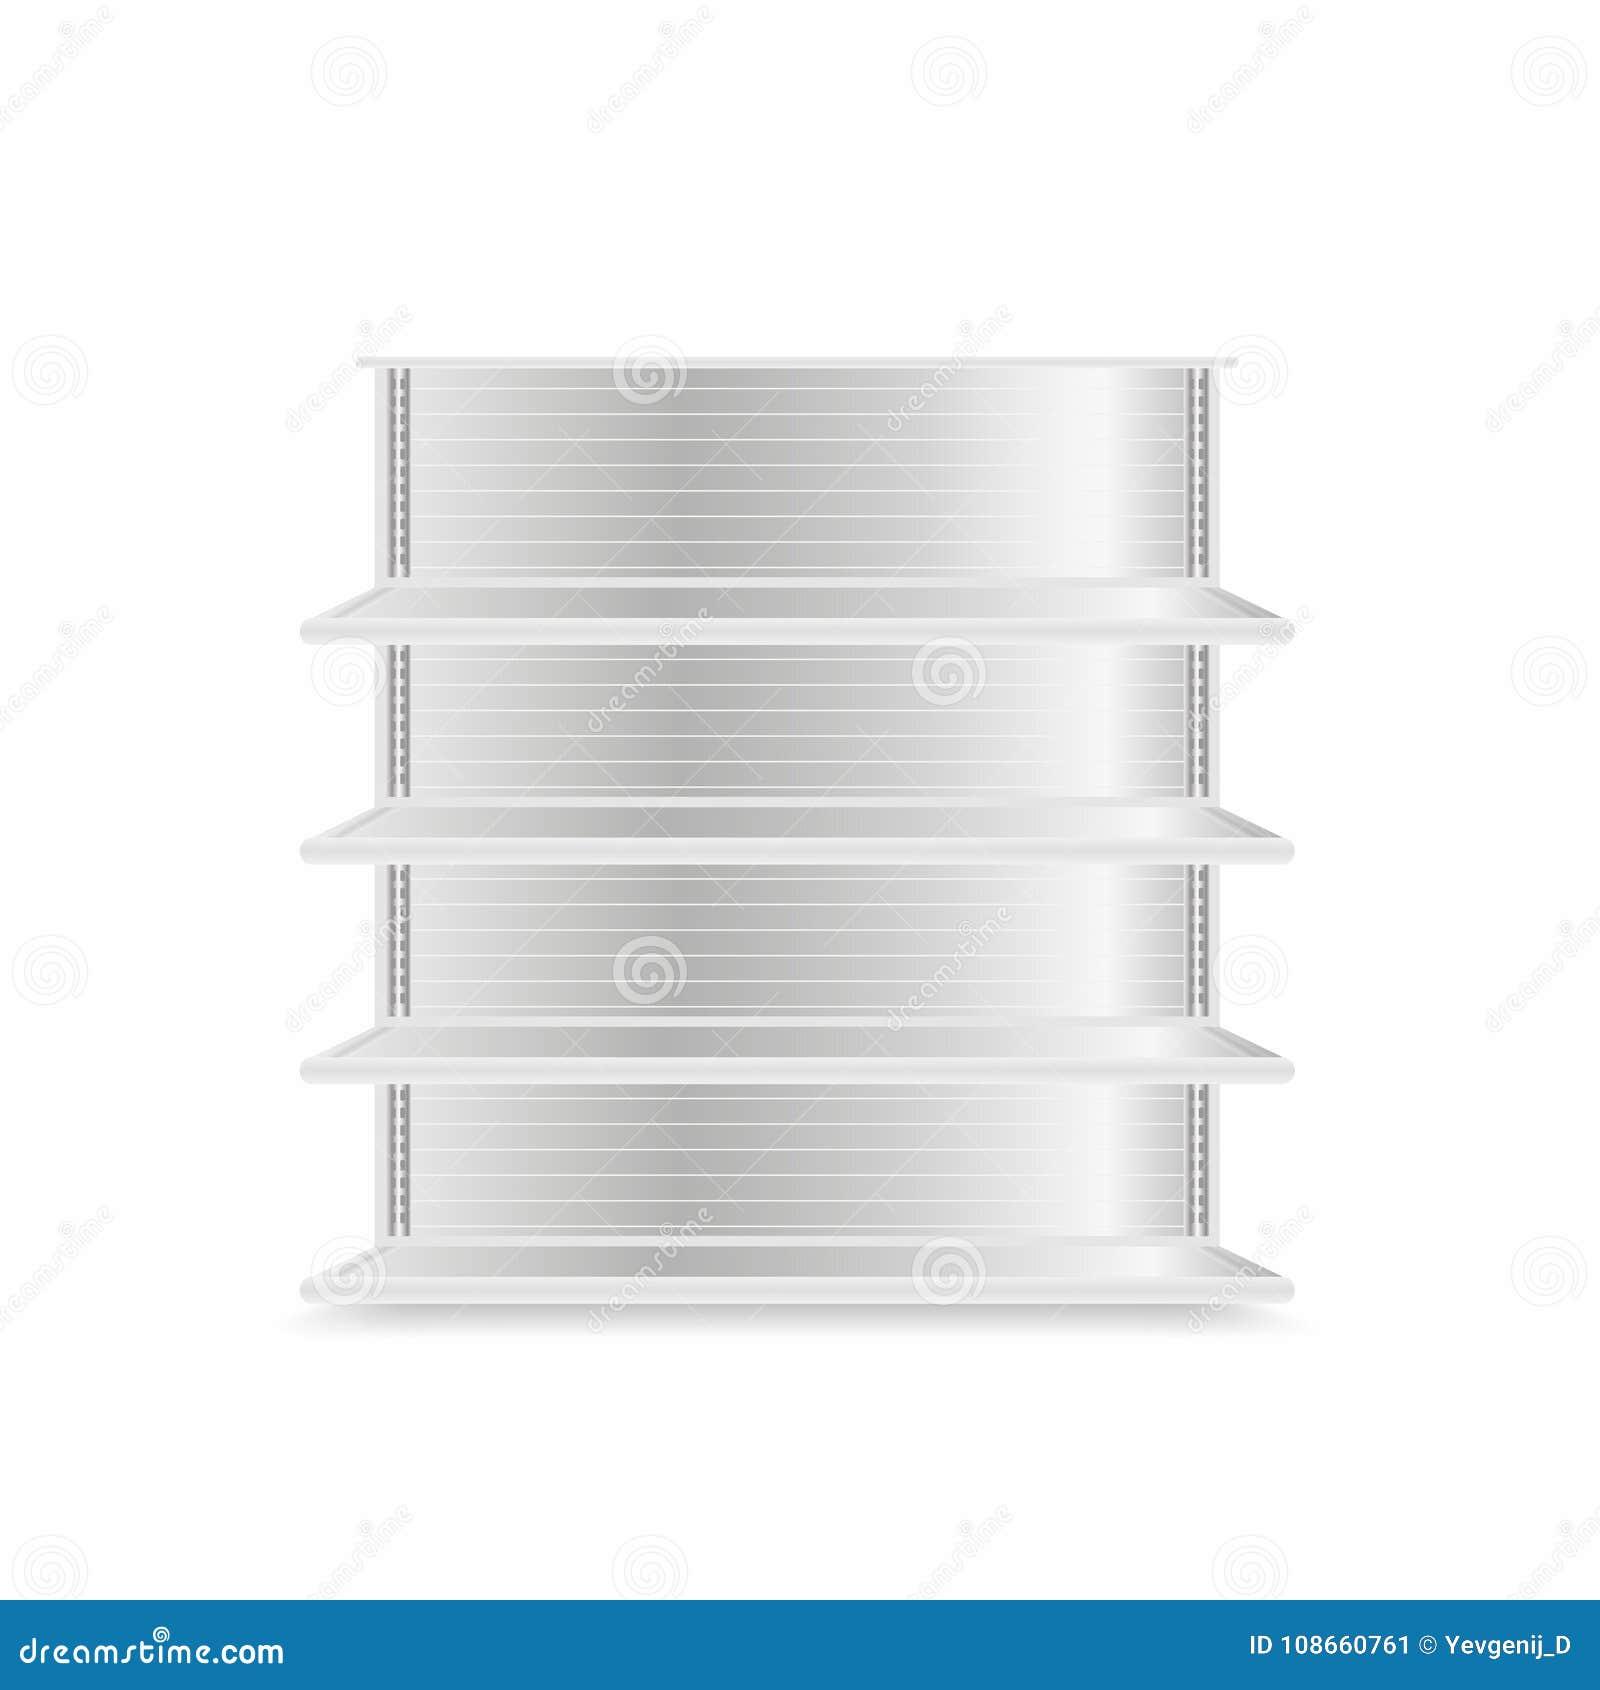 Ladenregalmodell lokalisiert auf weißem Hintergrund Realistische Supermarktmetallregale Leeren Sie Schaukasten